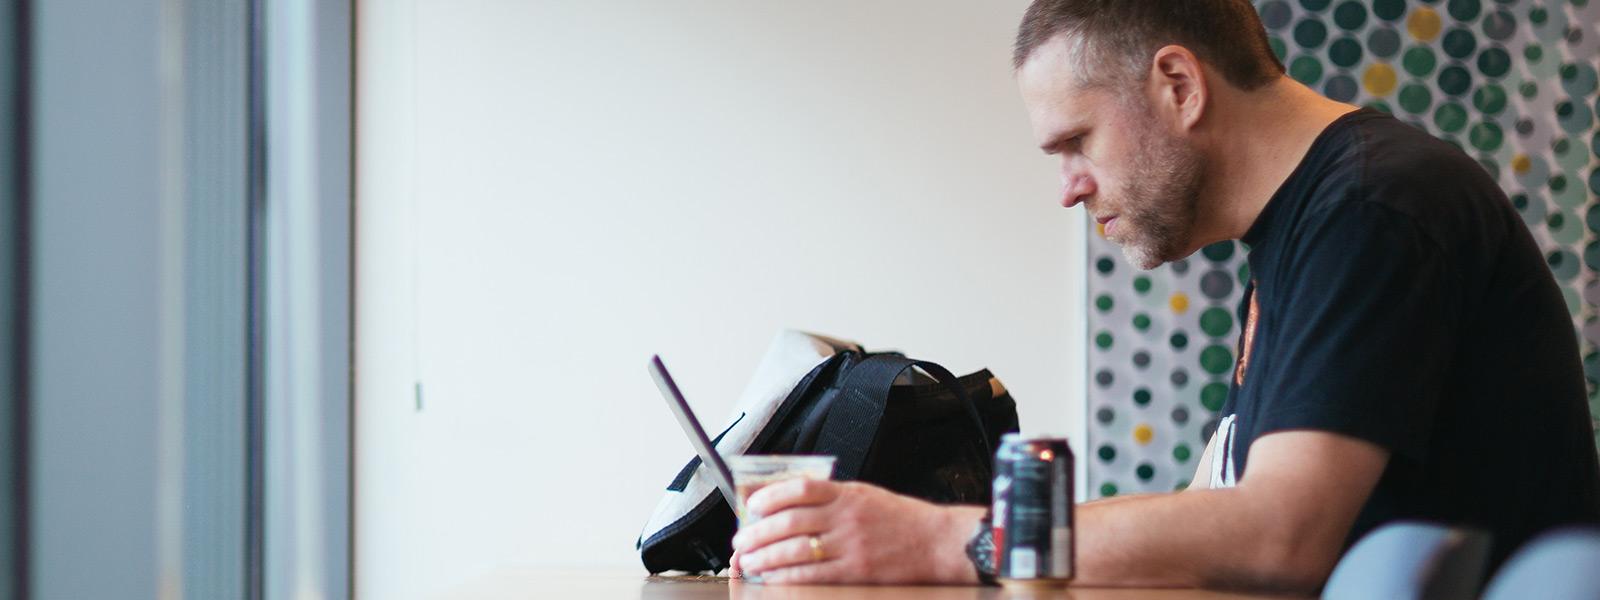 ผู้ชายที่นั่งอยู่ที่โต๊ะกำลังทำงานด้วยคอมพิวเตอร์ Windows 10